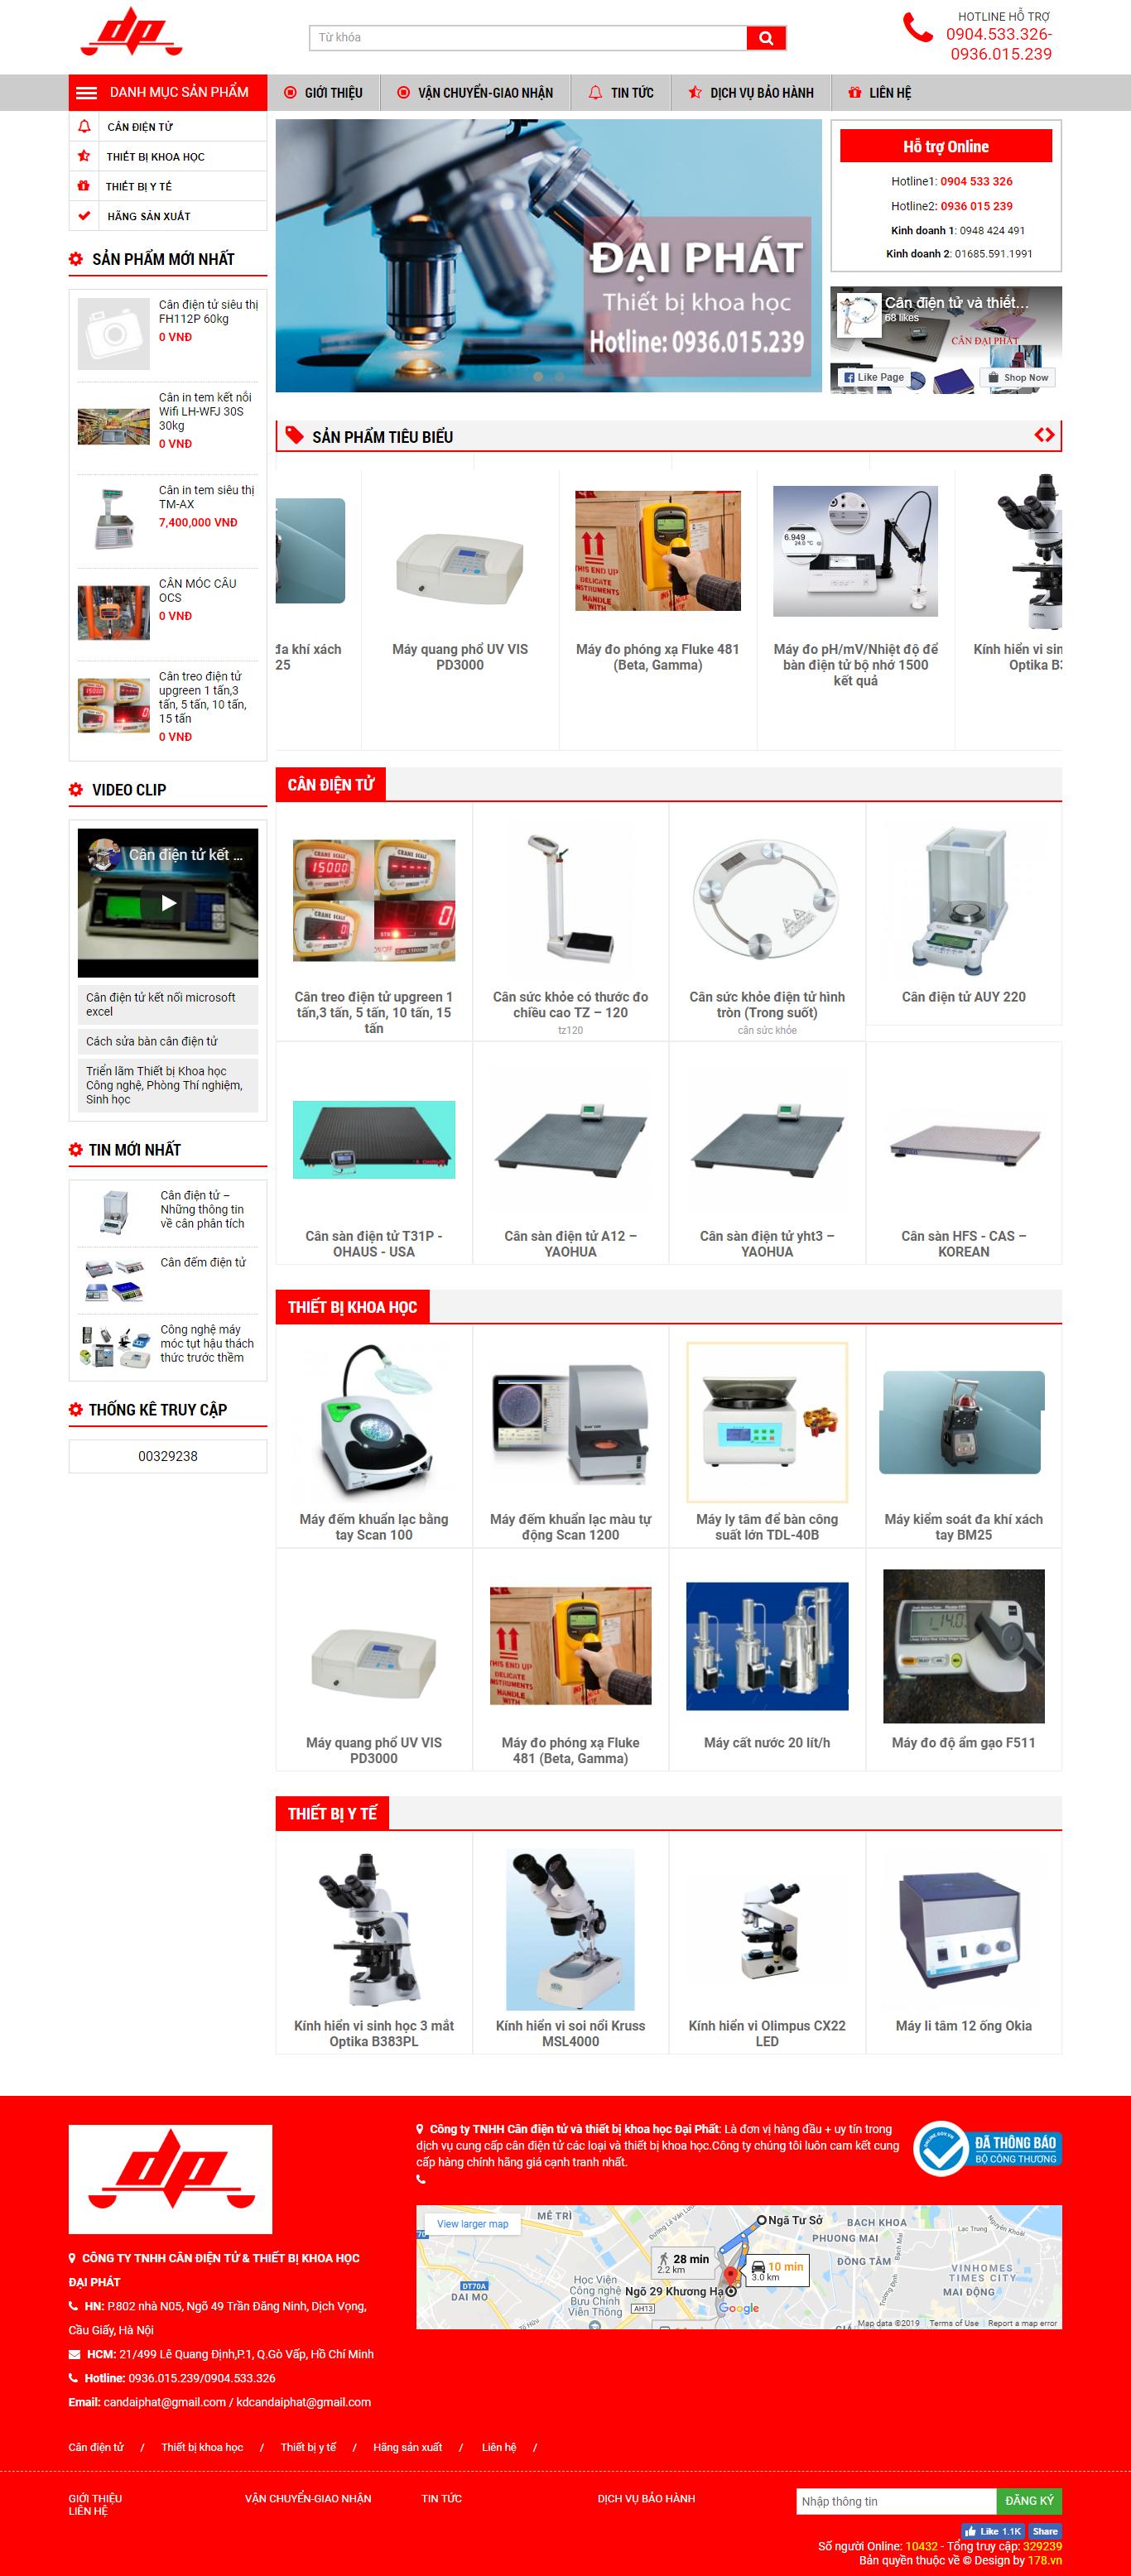 web giá rẻ bán cân điện tử